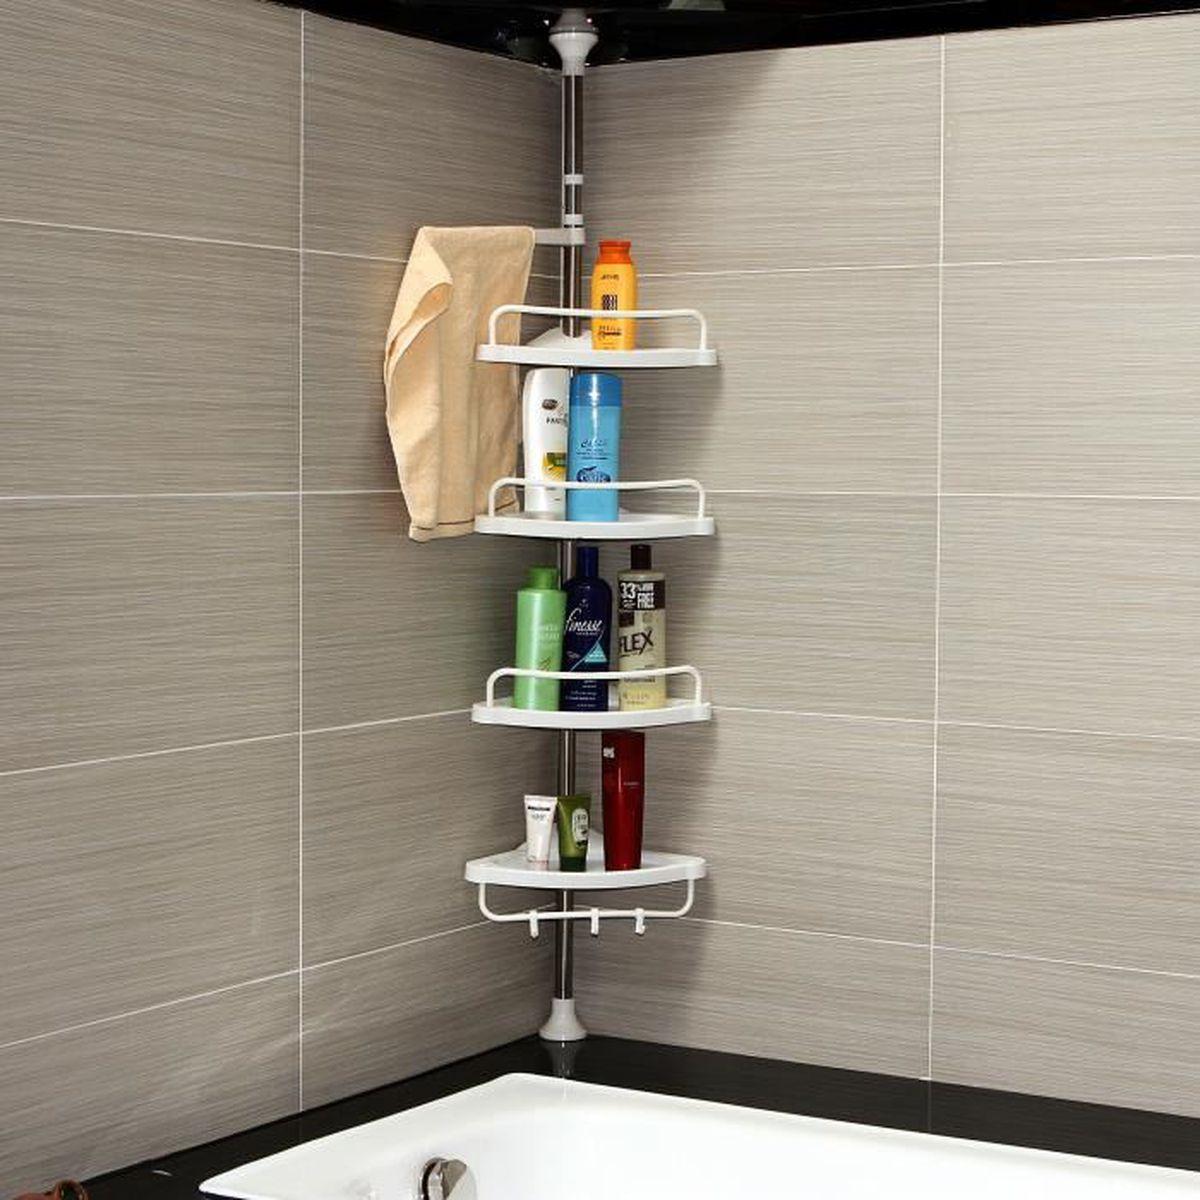 Tablette Salle De Bain 80 Cm kouan etagère d'angle télescopique salle de bains 120-300 cm